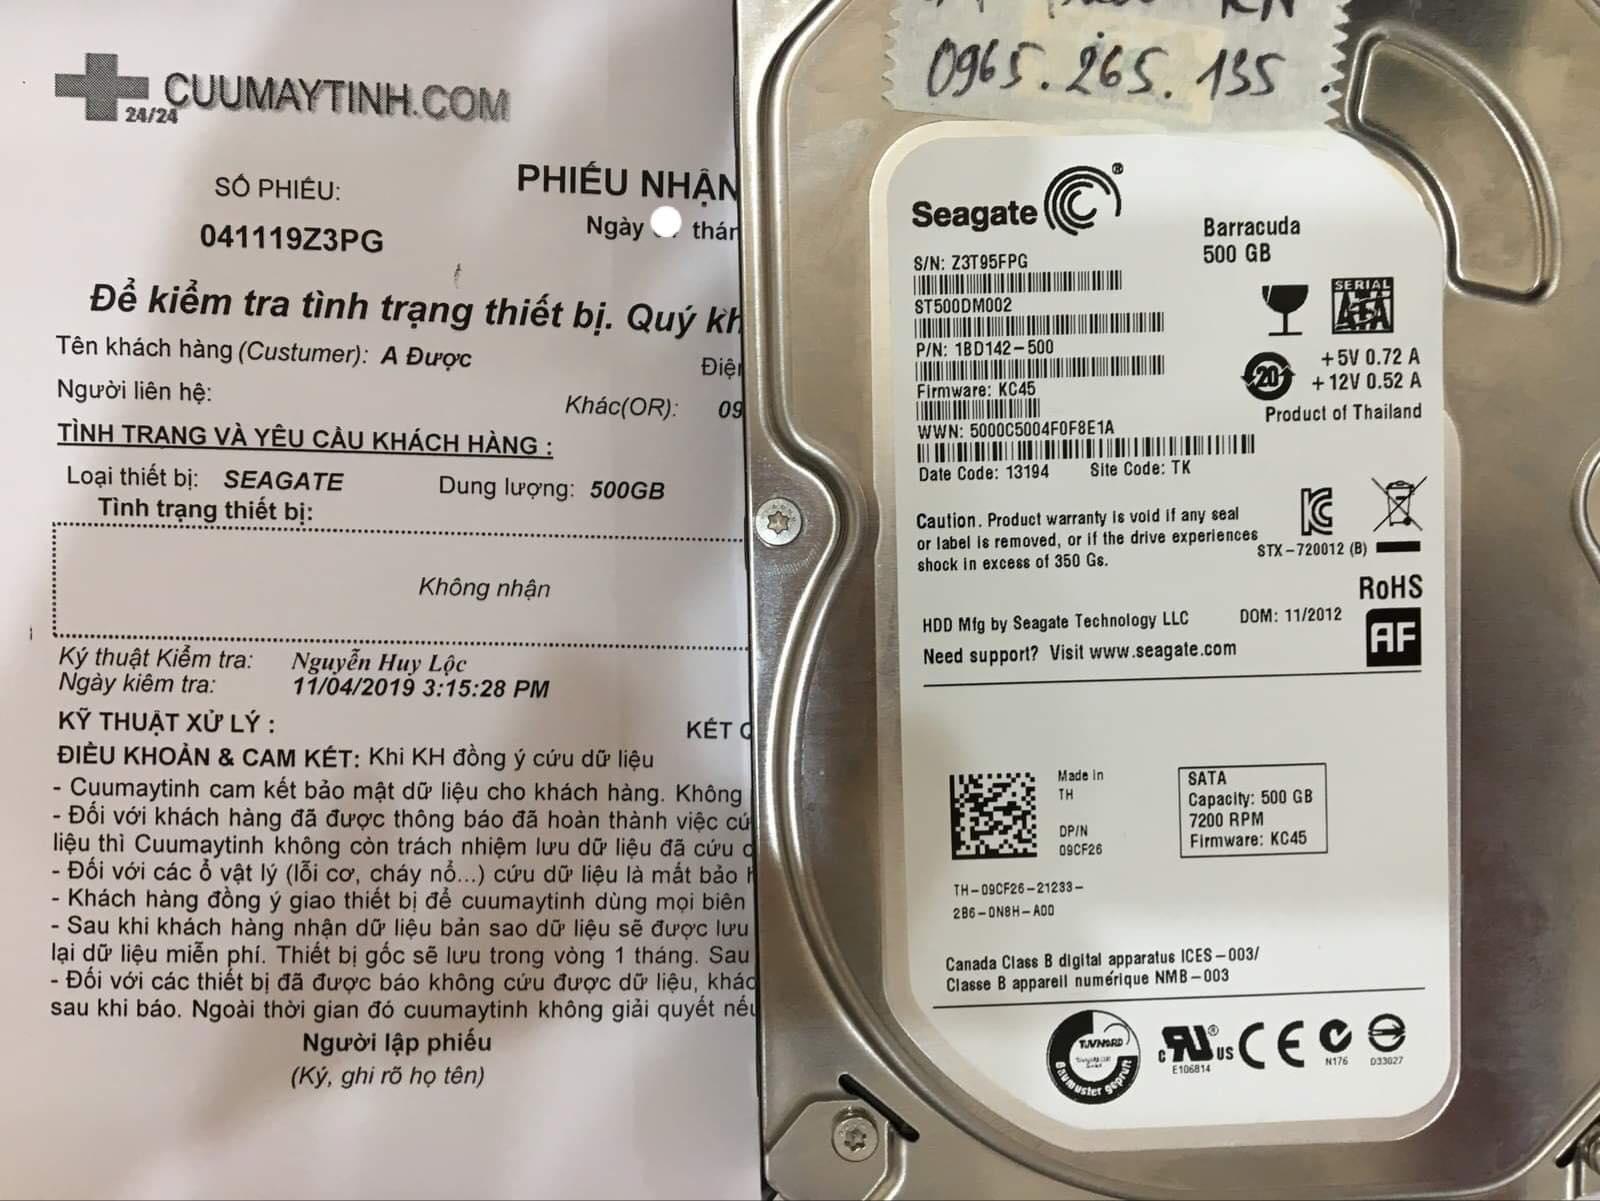 Phục hồi dữ liệu ổ cứng Seagate 500GB không nhận 13/11/2019 - cuumaytinh